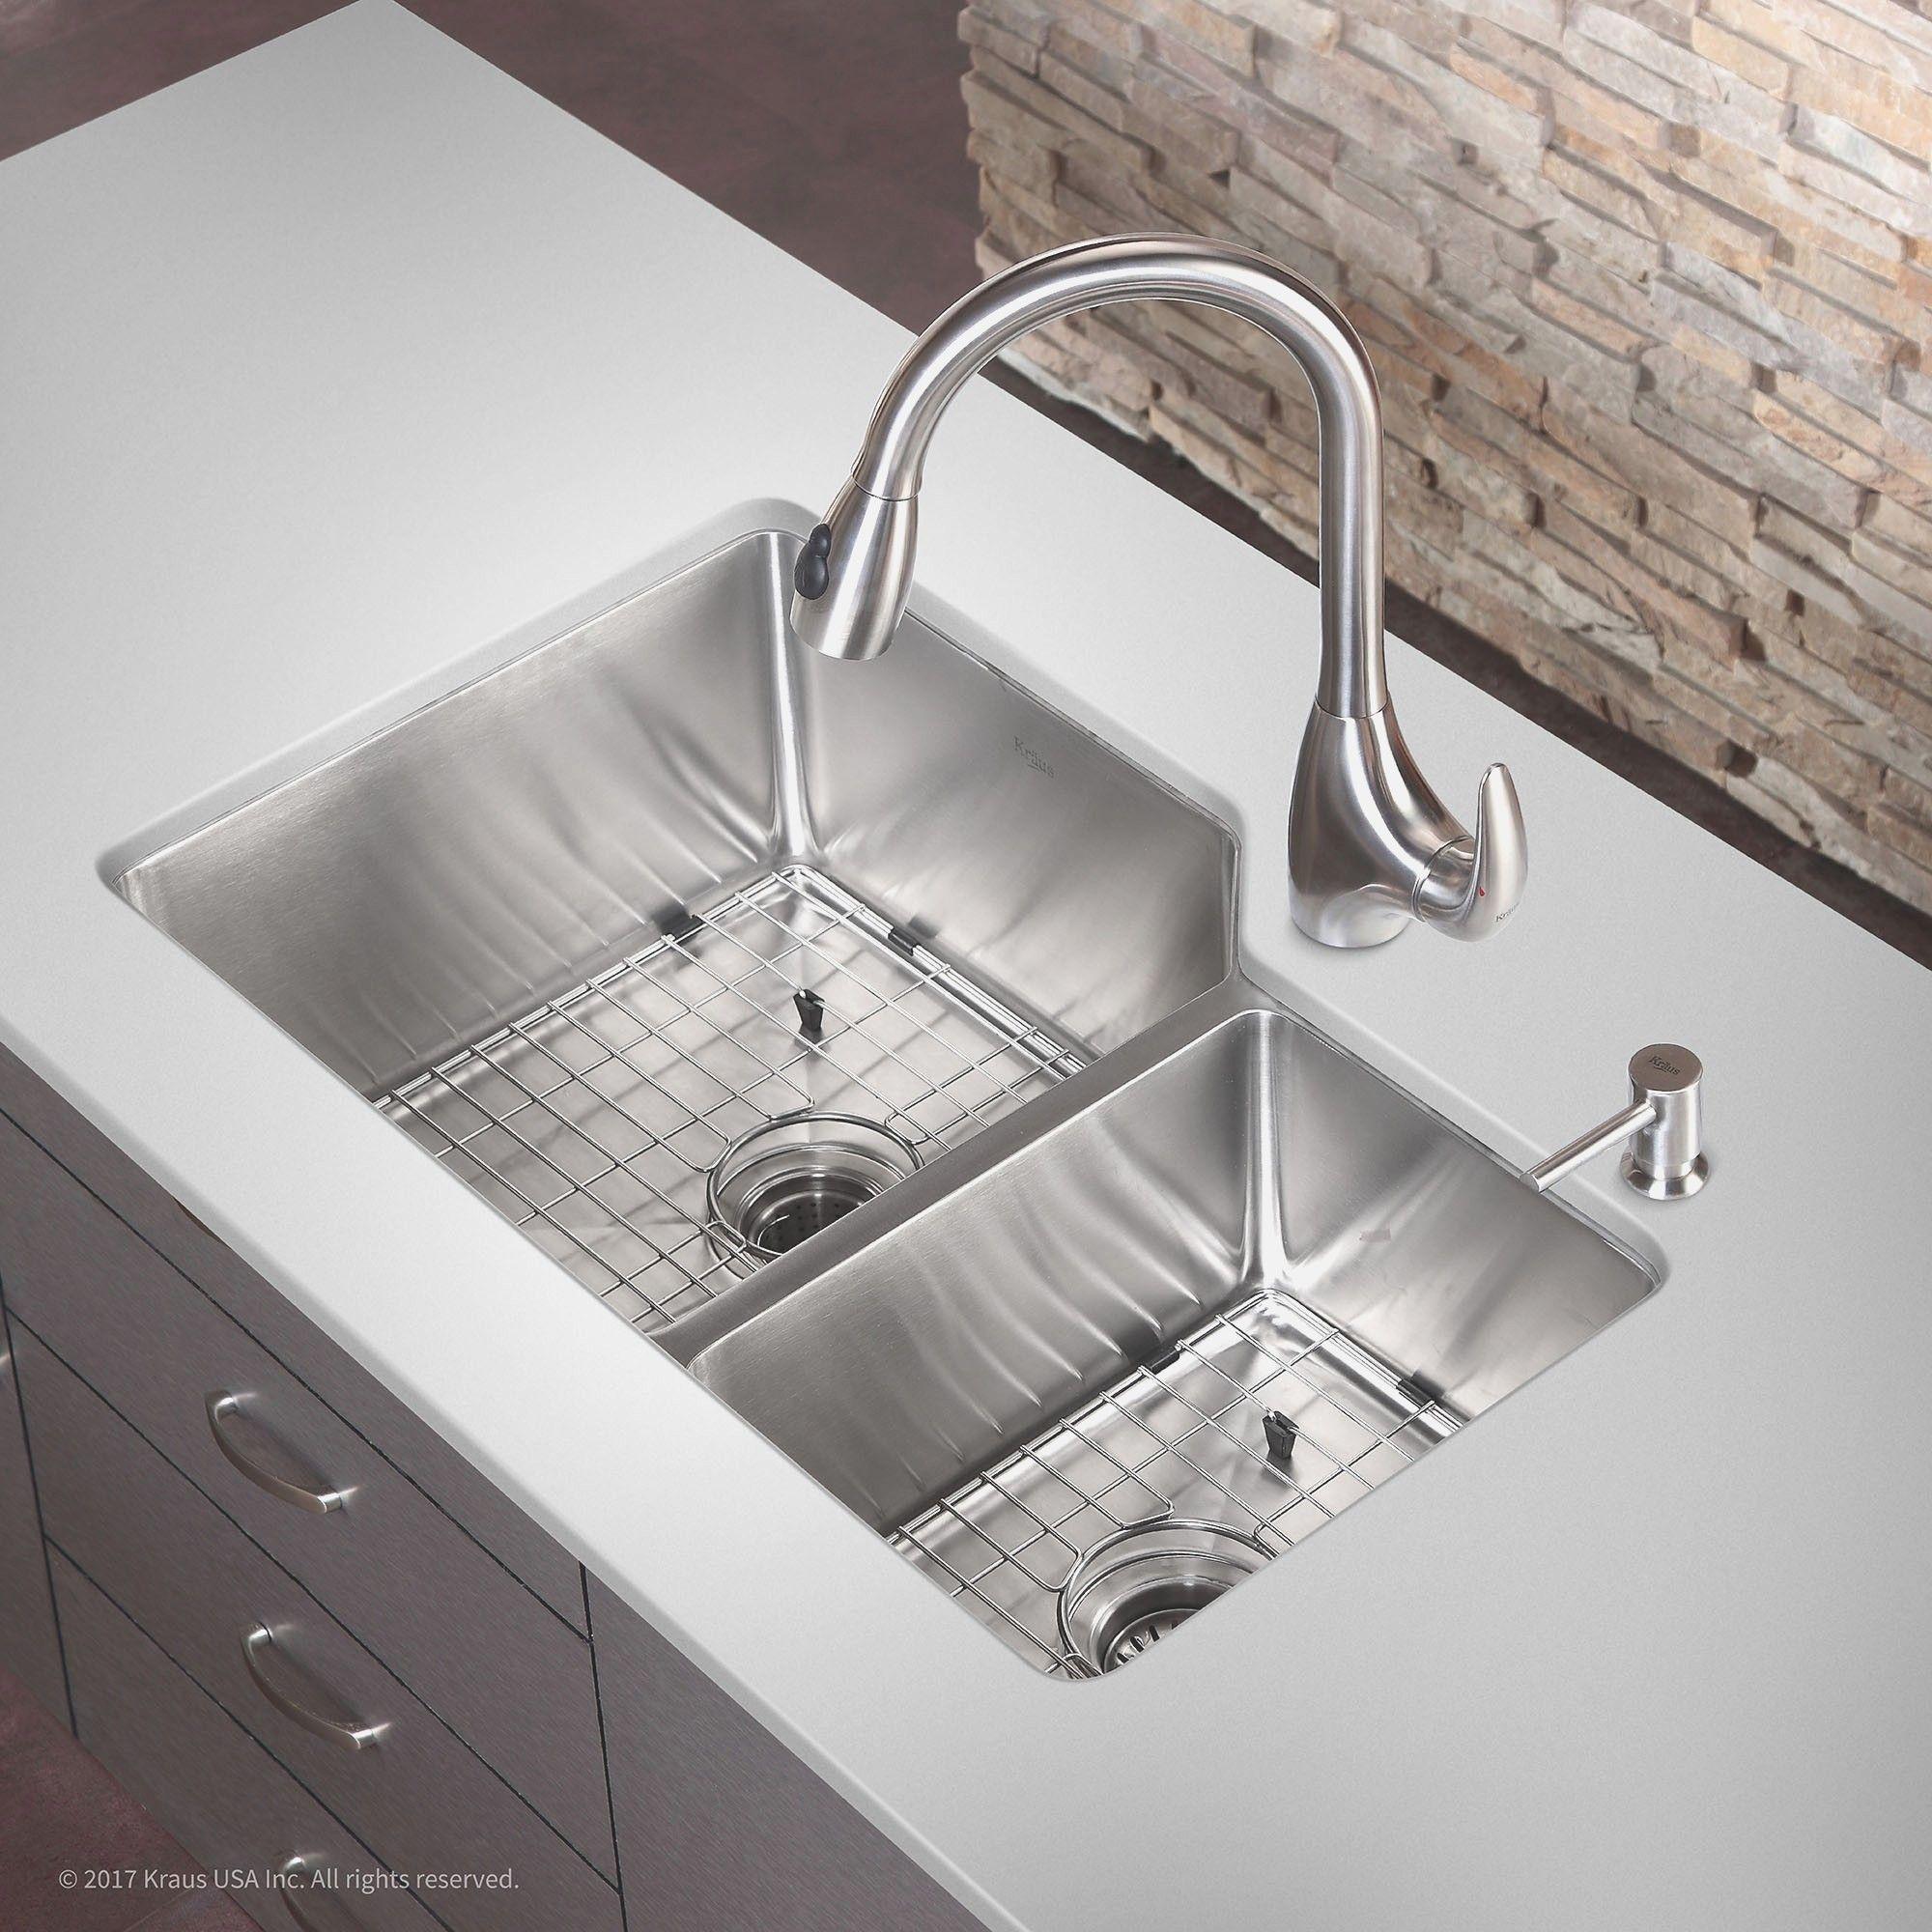 Stainless Steel Undermount Kitchen Sink - 36 inch undermount ...